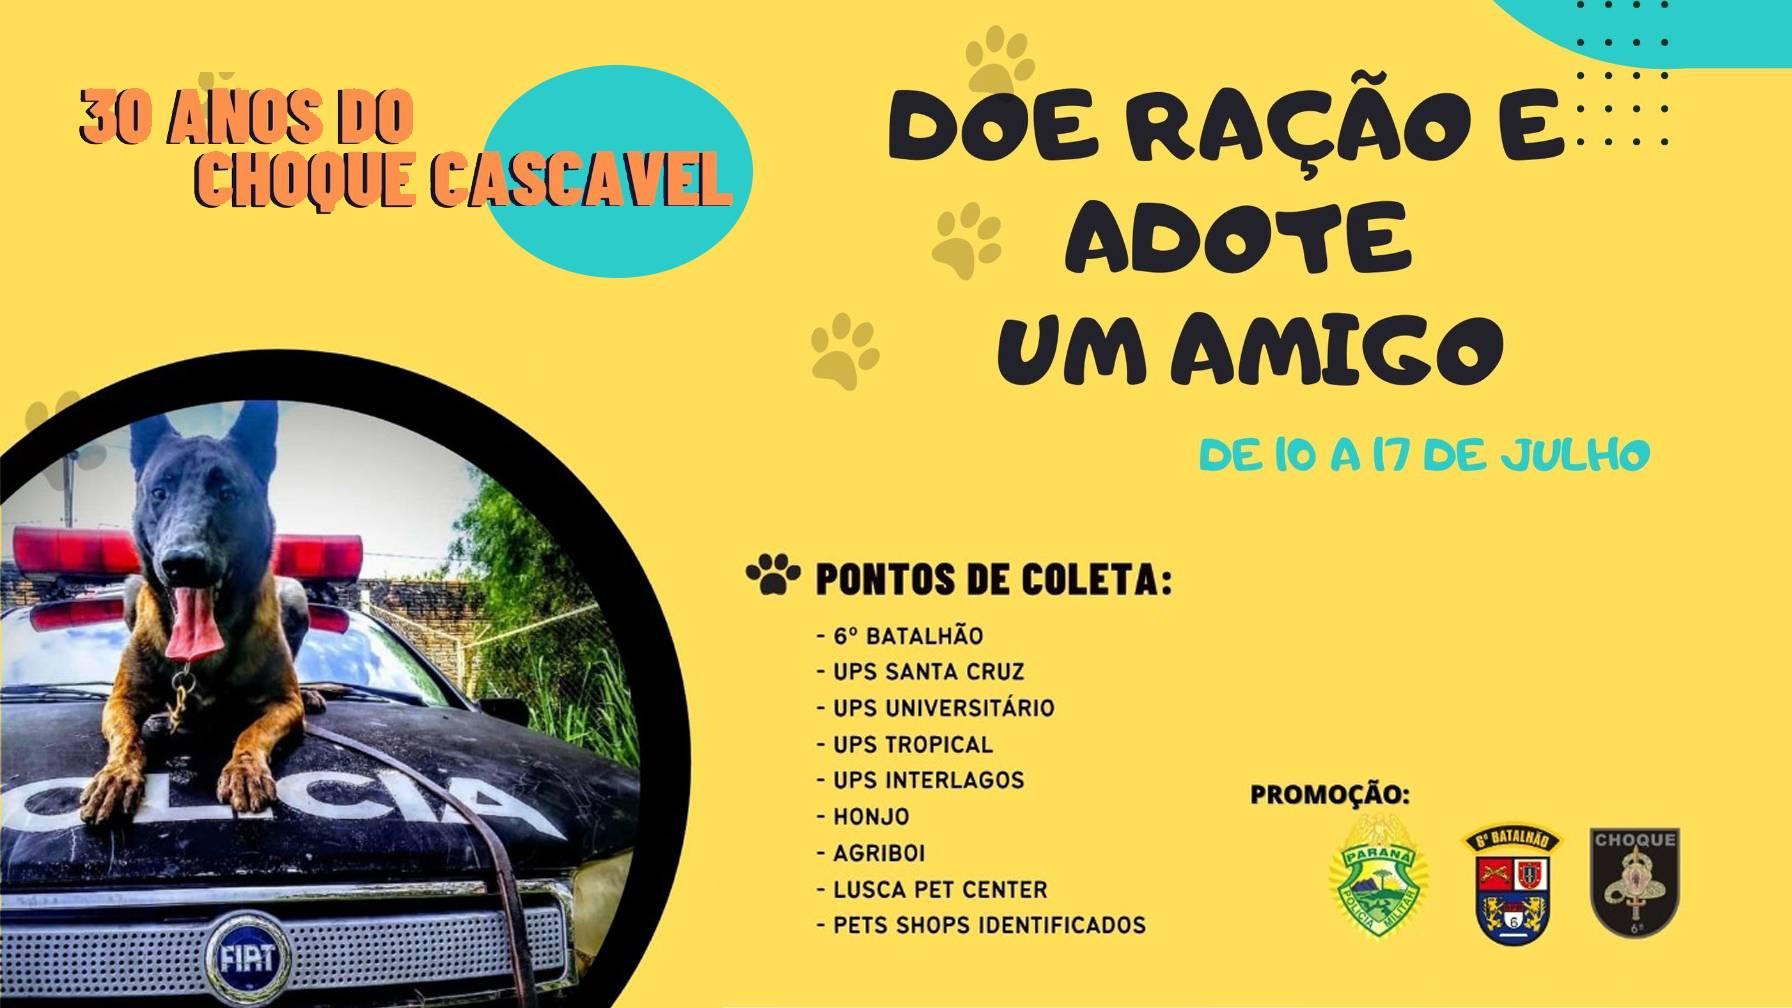 """Choque Cascavel promove campanha """"doe ração e adote um amigo"""""""